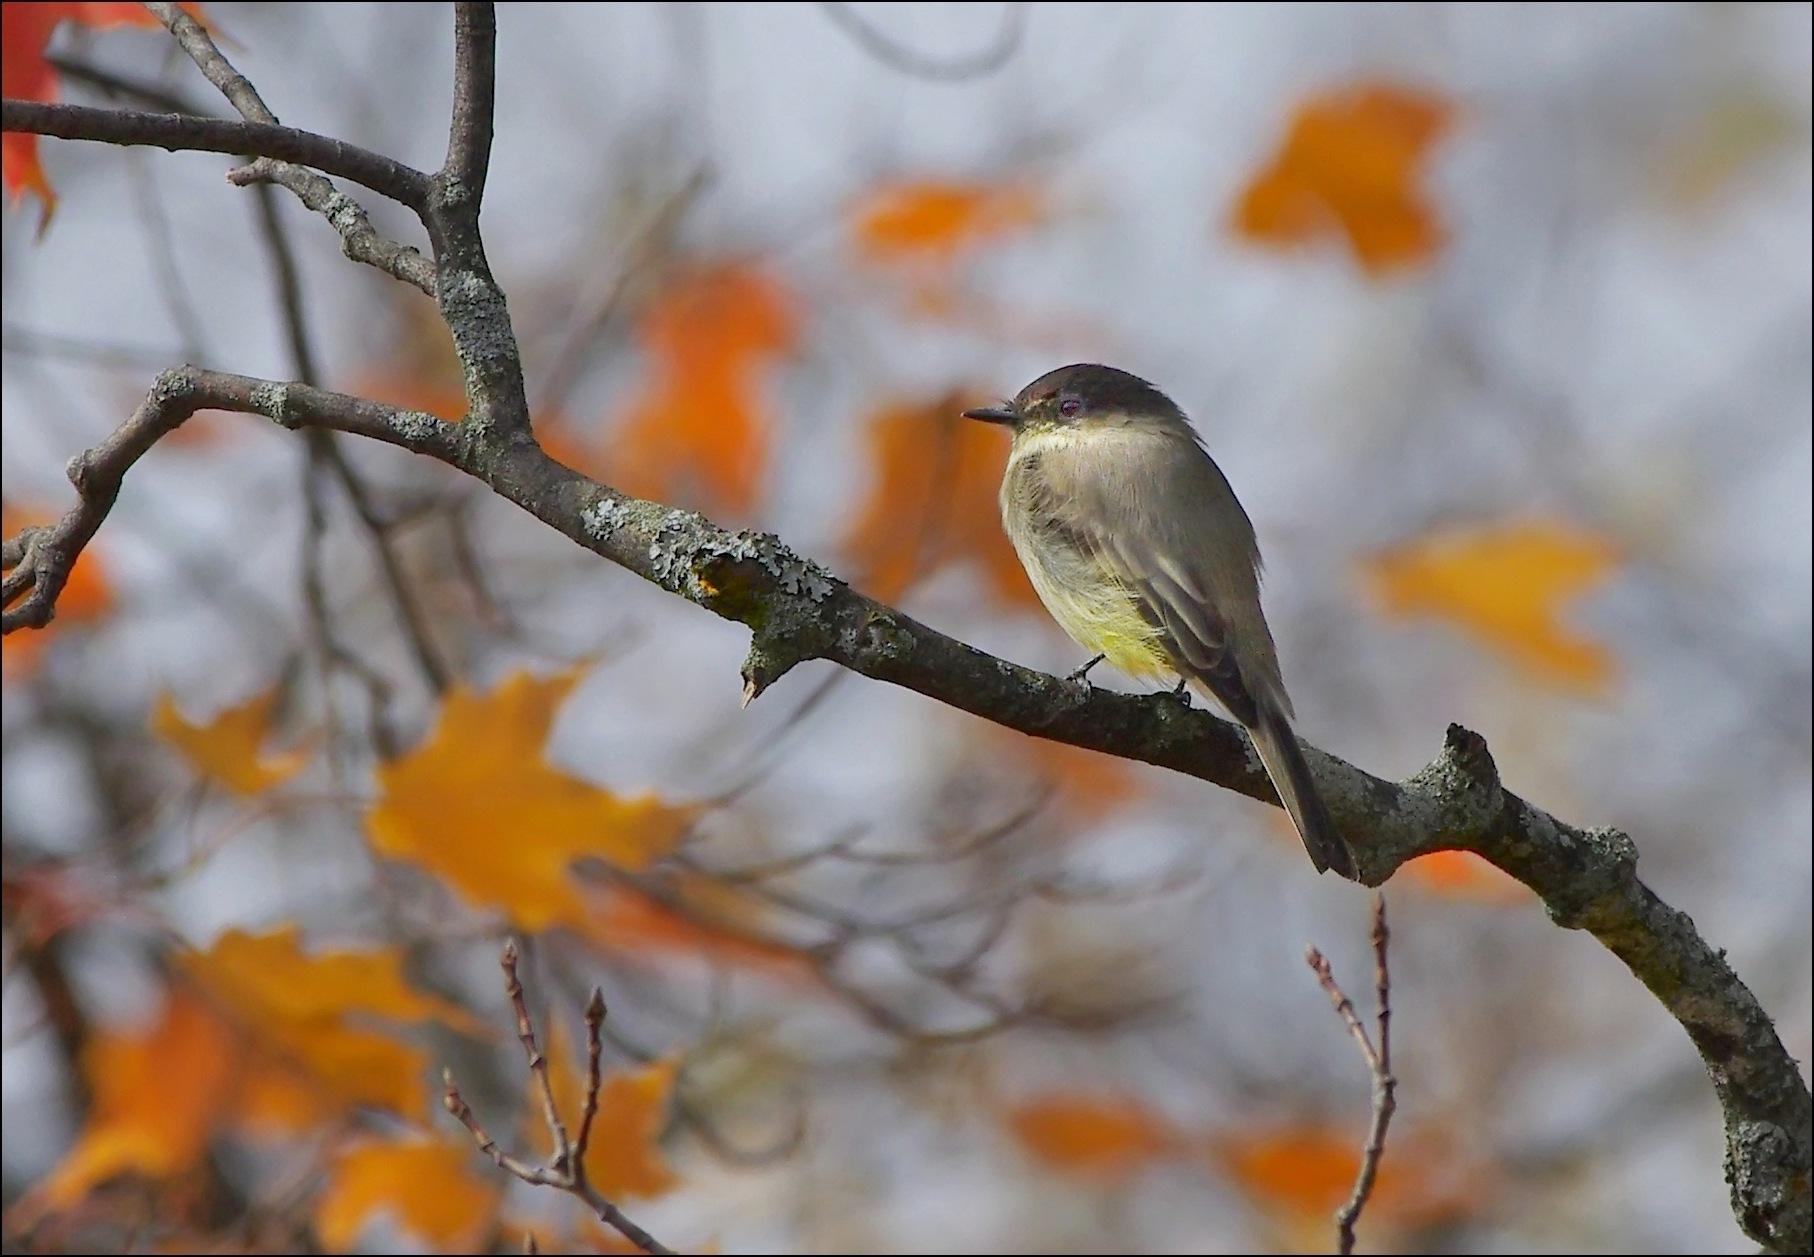 Oiseau / bird by Fernand Larochelle